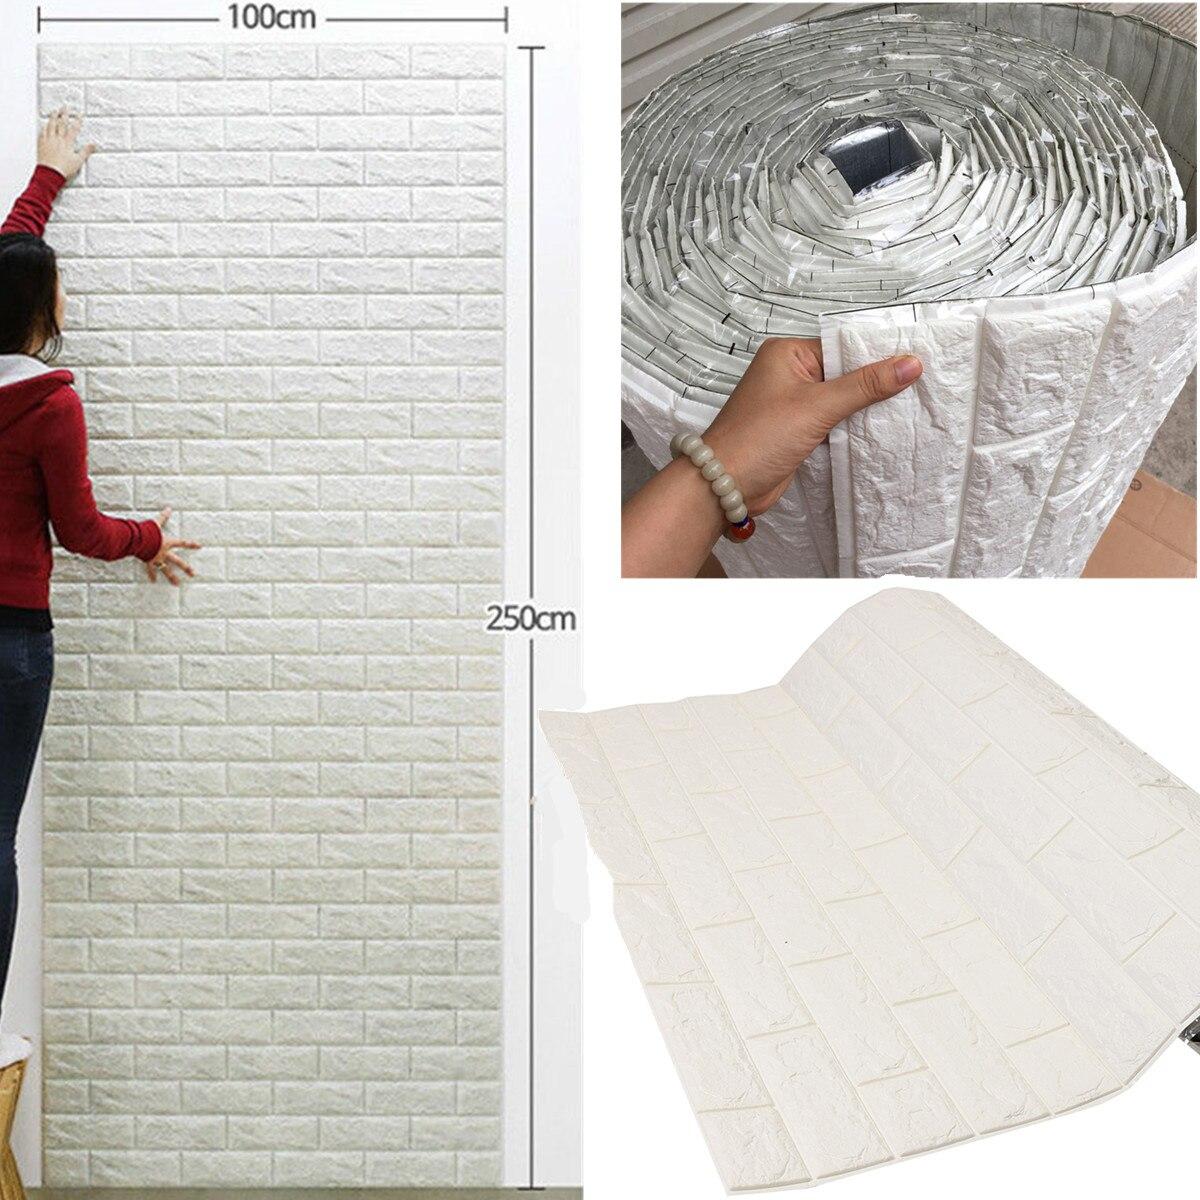 Pegatinas de pared 3D de espuma PE patrón de ladrillo impermeable autoadhesivo papel pintado para habitación decoración del hogar para niños pegatinas de sala de estar